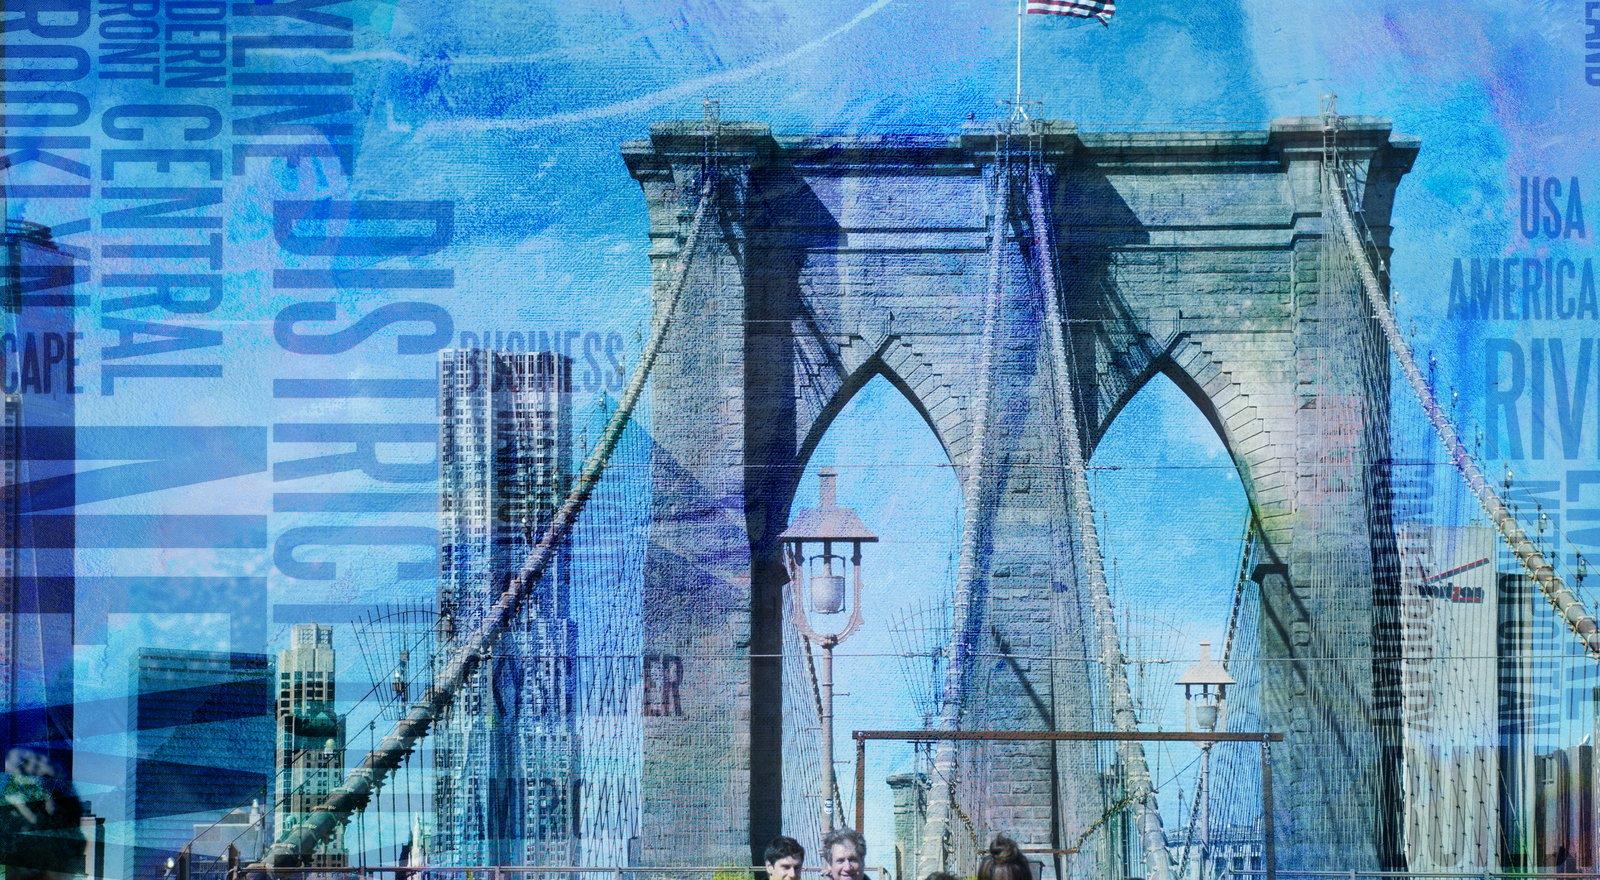 Lincoln Square Manhattan, NY Private Investigator